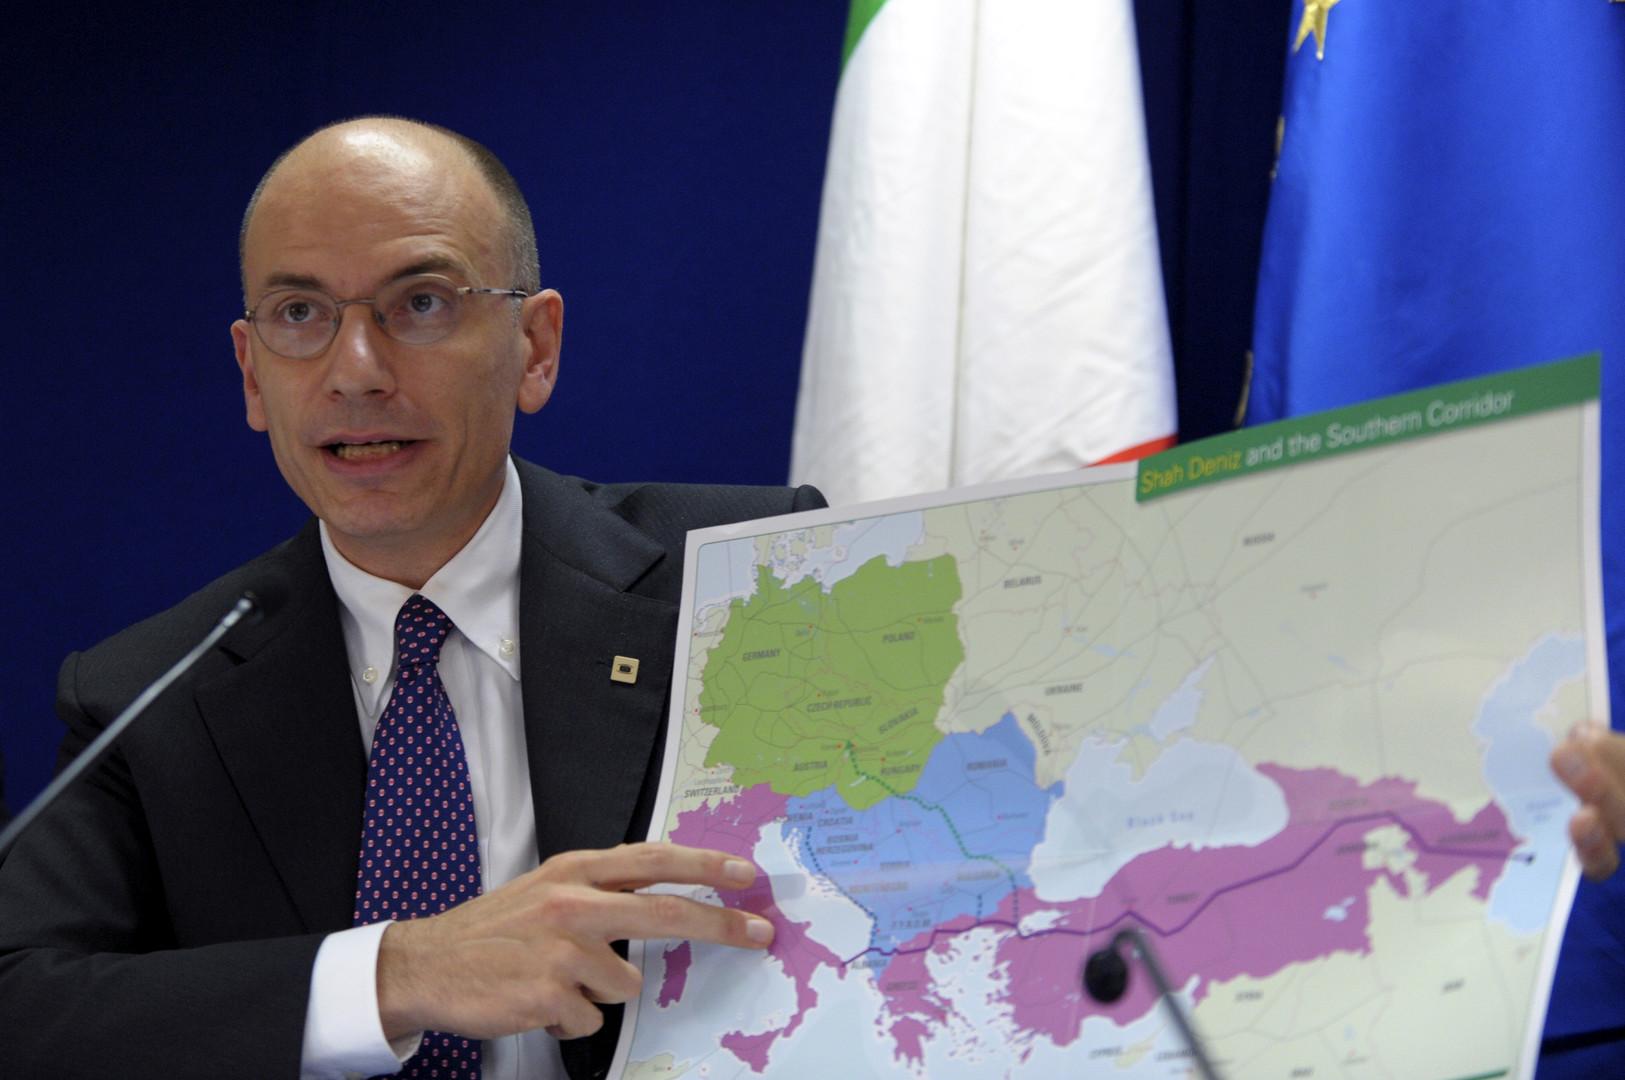 """Zukunft der Energieversorgung: """"Europa ist selbst schuld, wenn es die Entwicklung verschläft"""""""